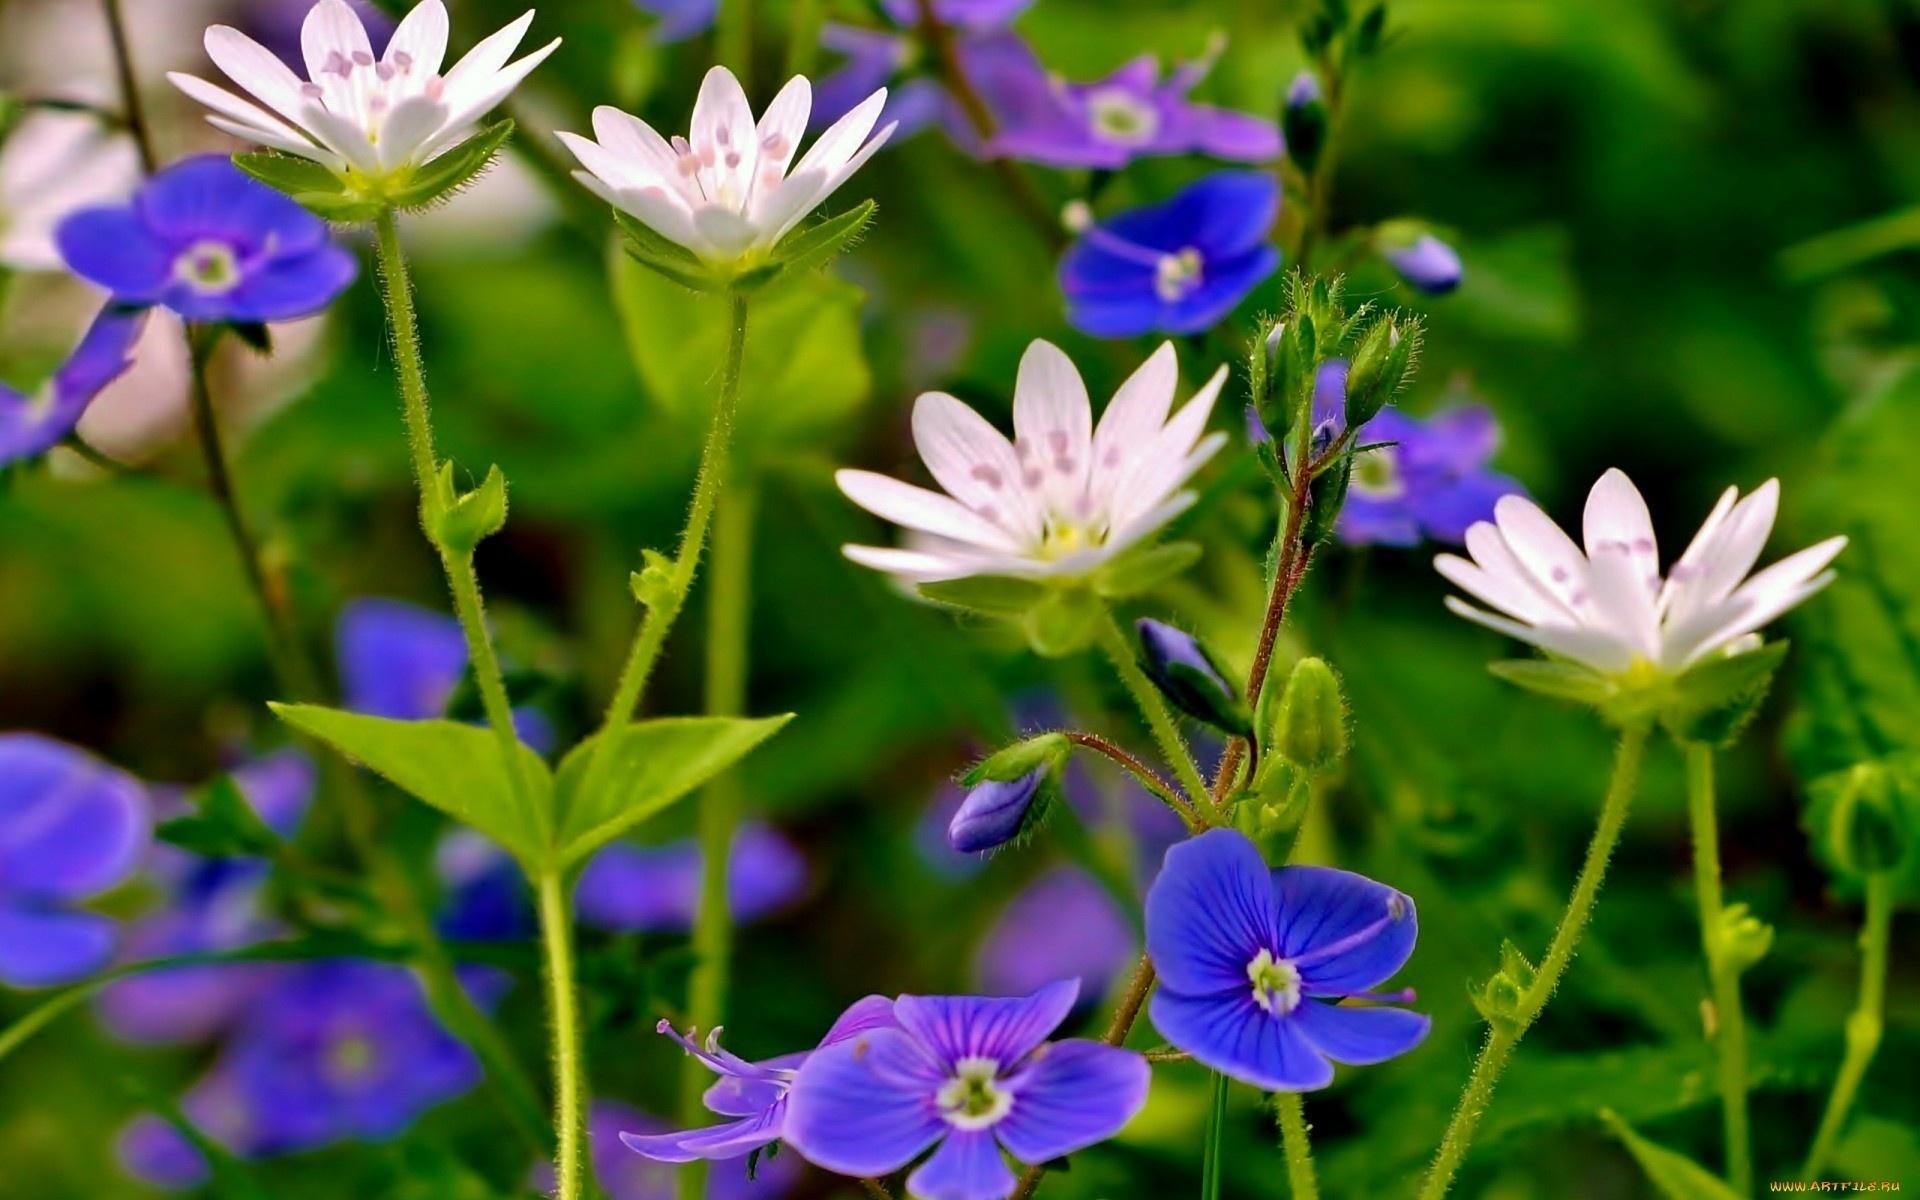 картинки цветы садовые полевые на телефон обои загадкой мумий